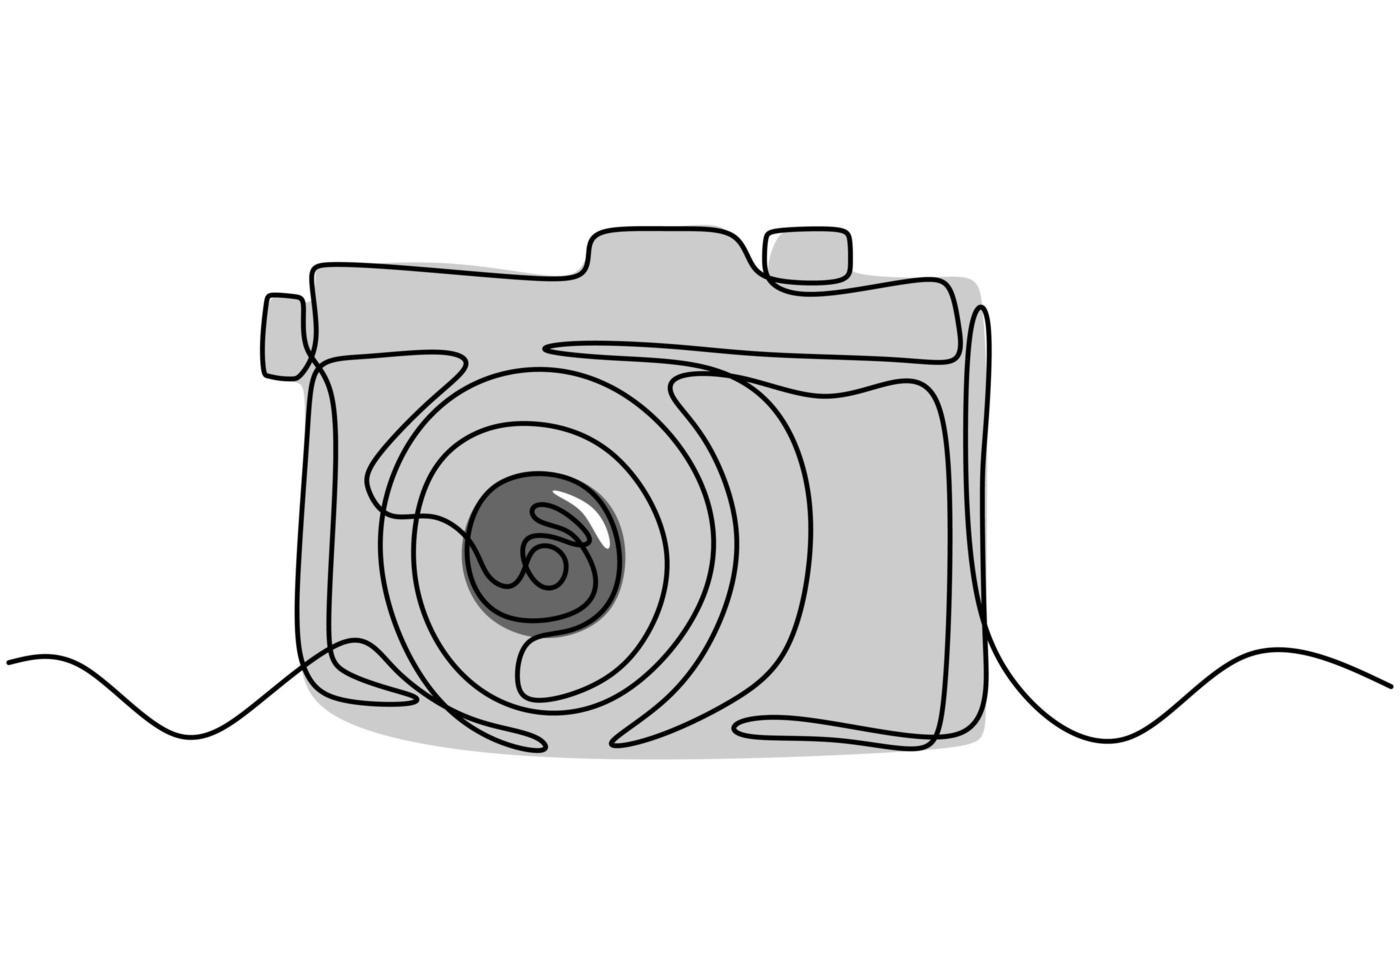 un dessin au trait du style linéaire de la caméra. image noire isolée sur fond blanc. illustration vectorielle de style minimalisme dessiné à la main vecteur